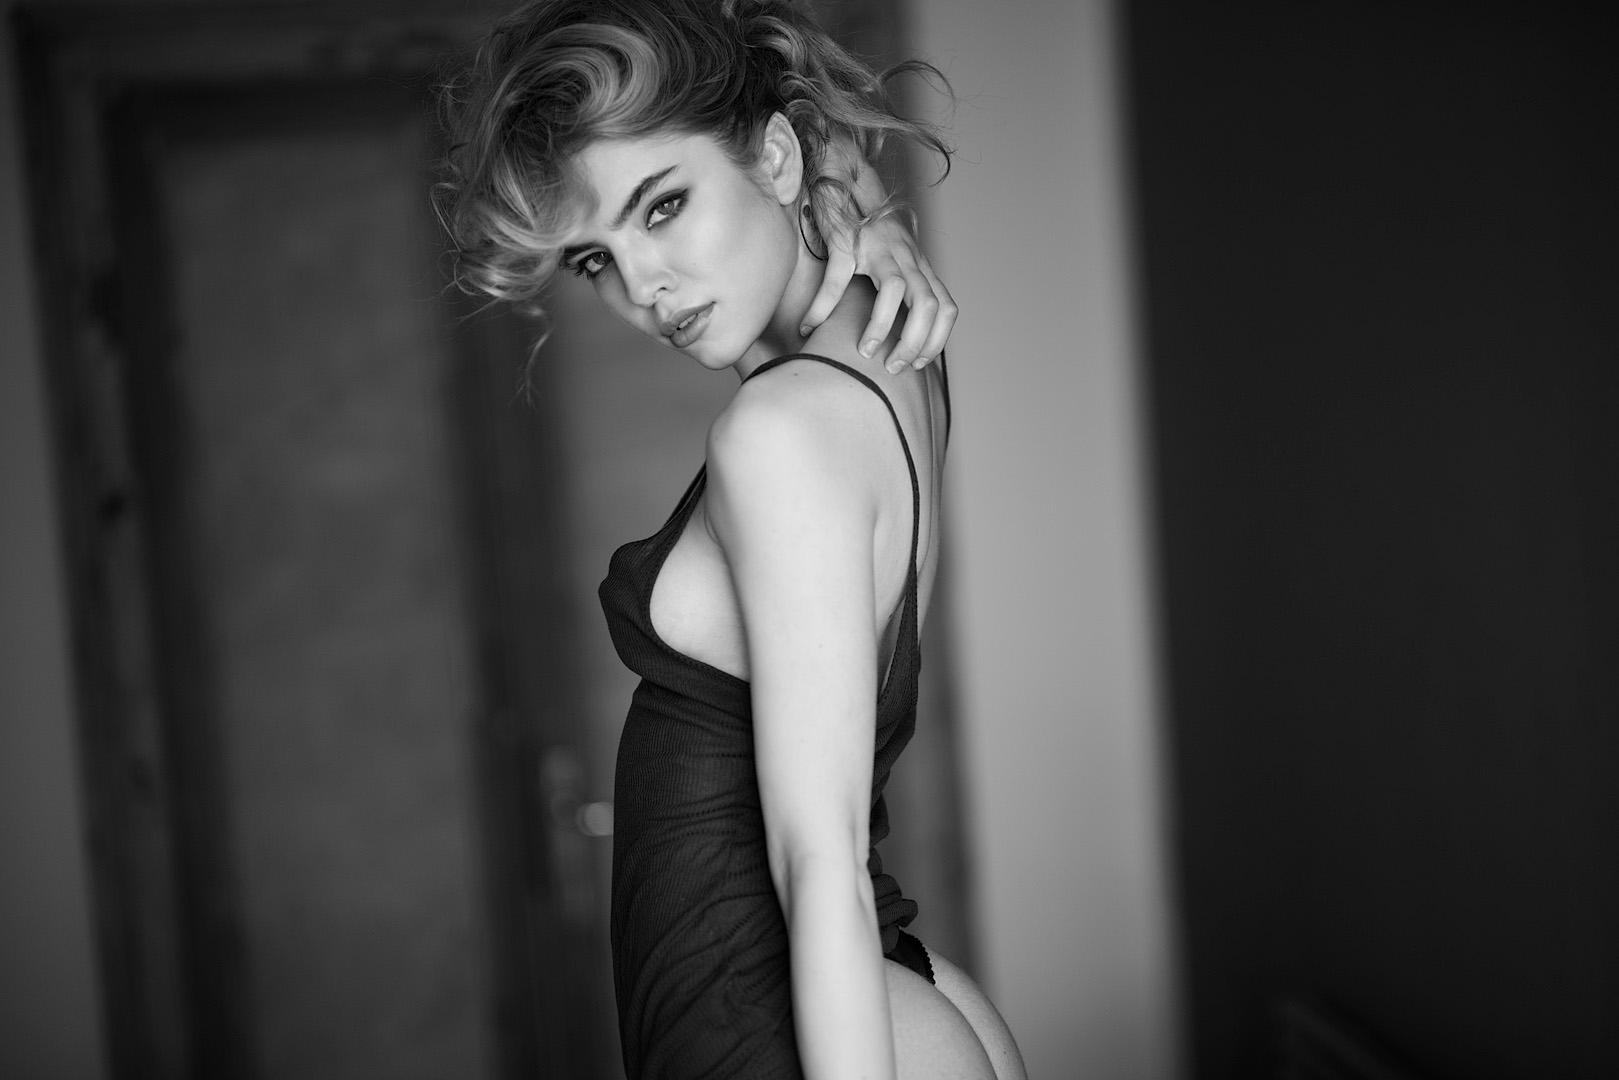 Natalia-11269